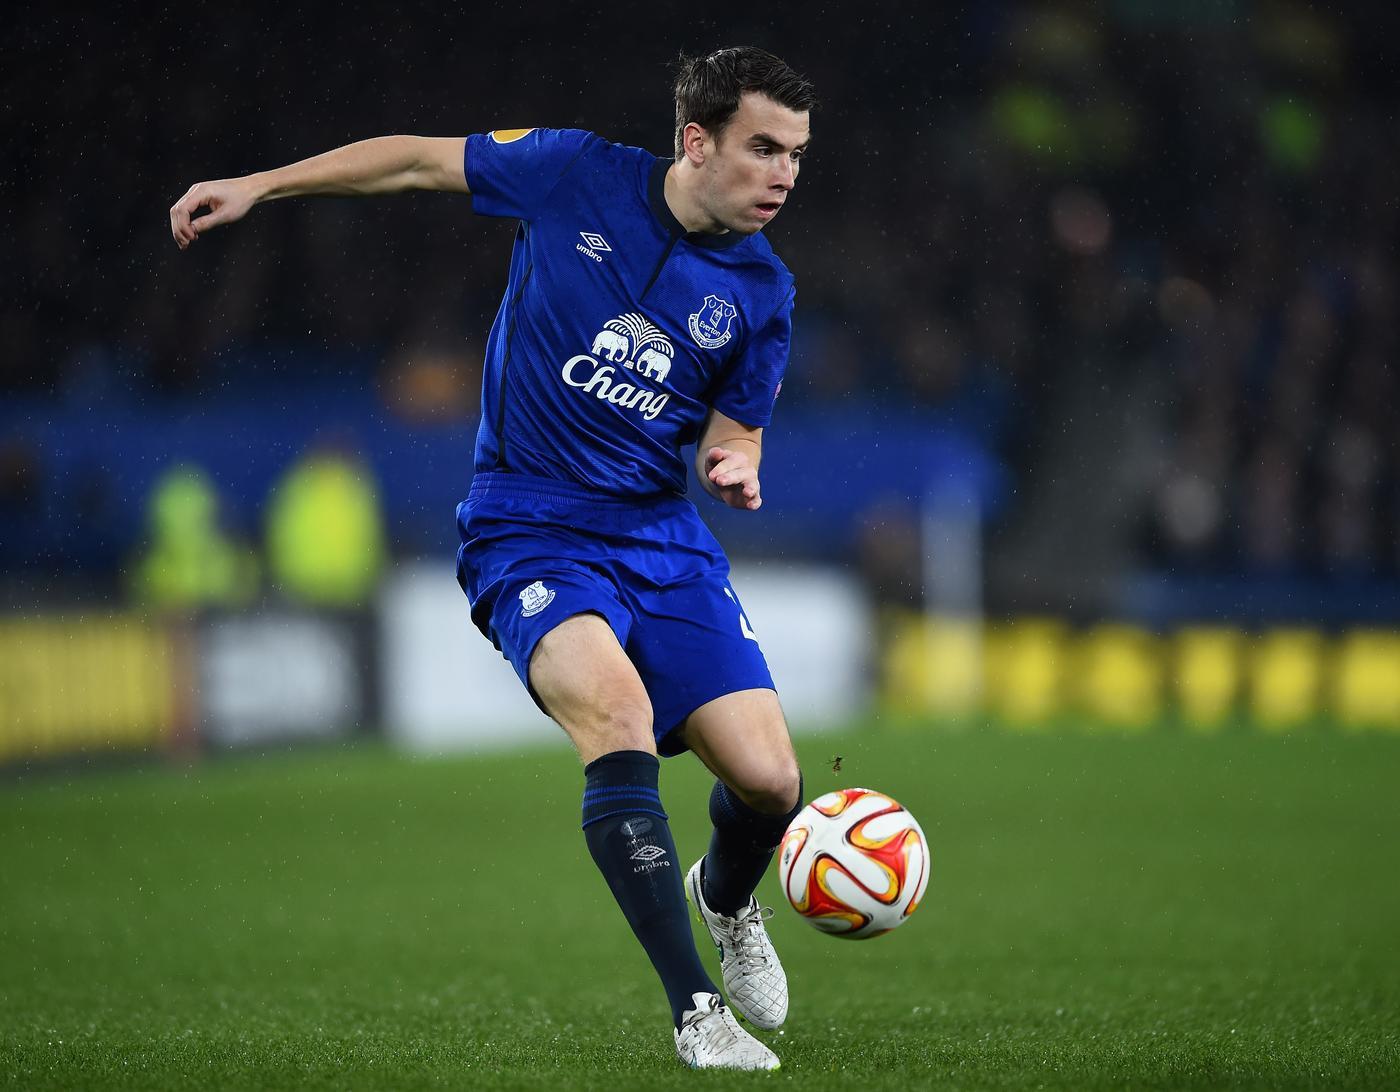 Chelsea 'plot £20million transfer for Everton right-back Seamus Coleman'